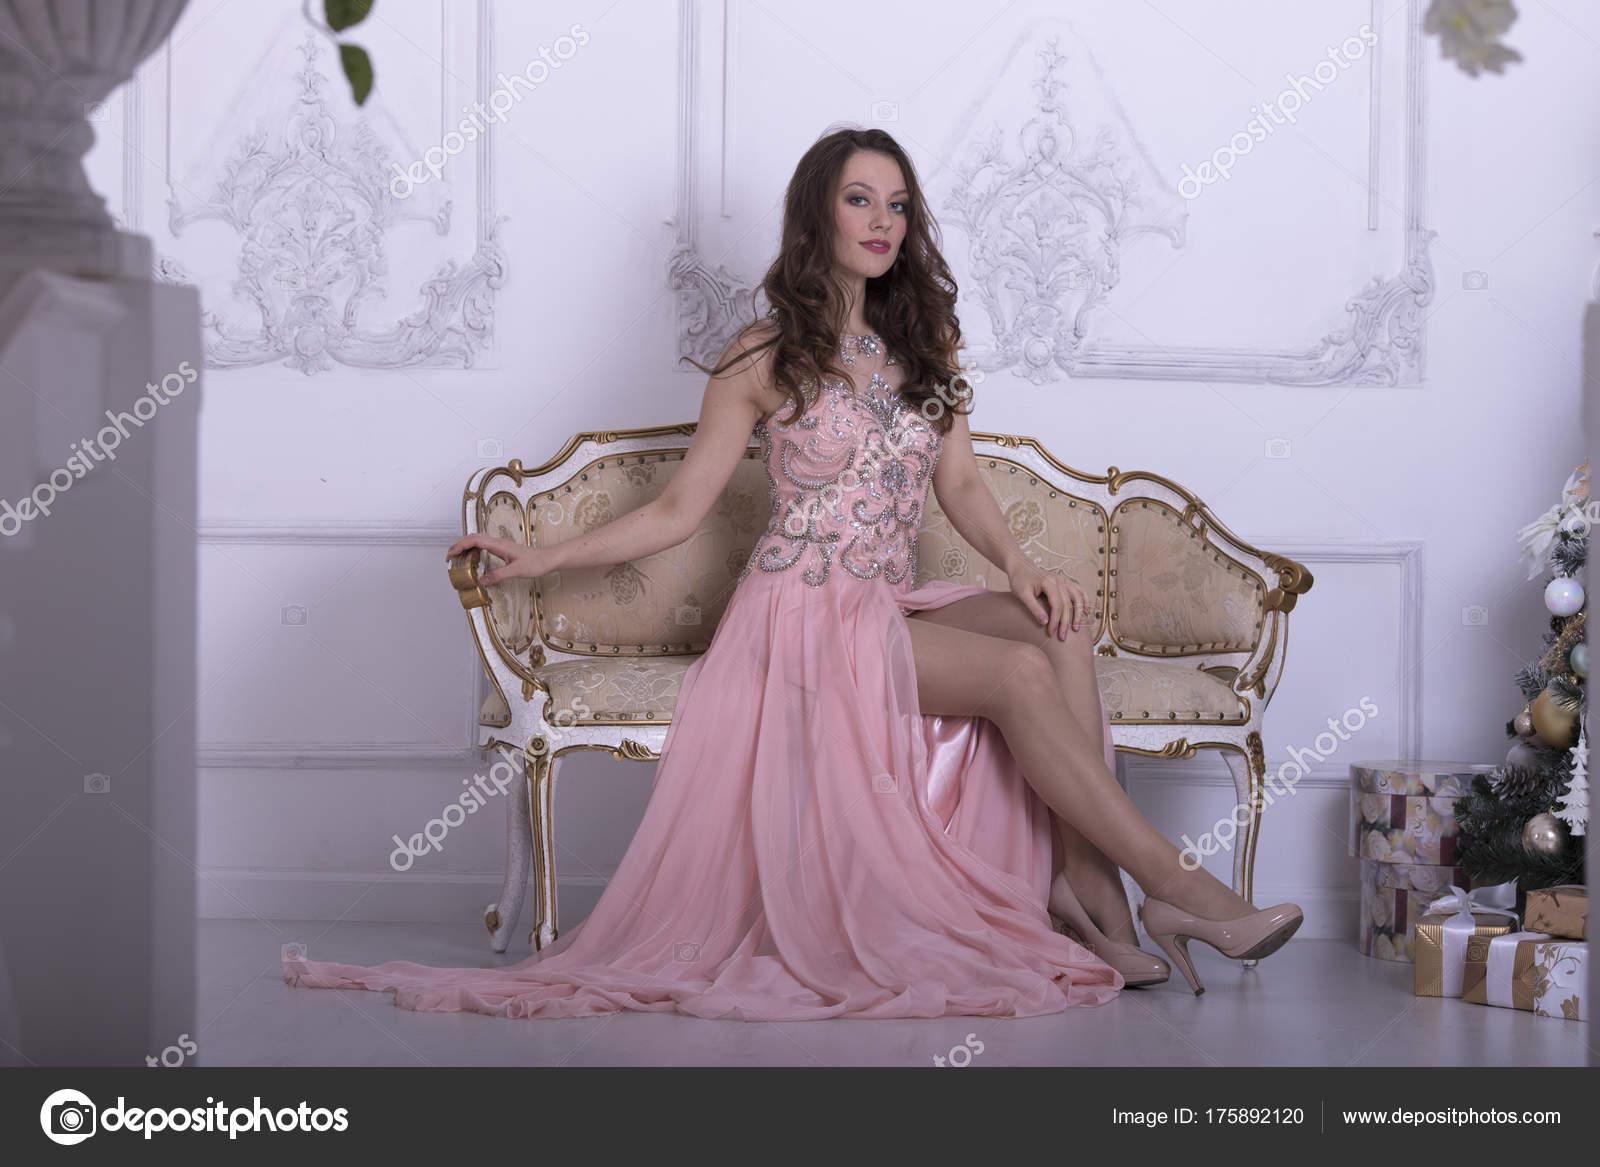 752e2d6cbfcb Κορίτσι Μακριά Ροζ Φόρεμα — Φωτογραφία Αρχείου © igorlitvyak  175892120